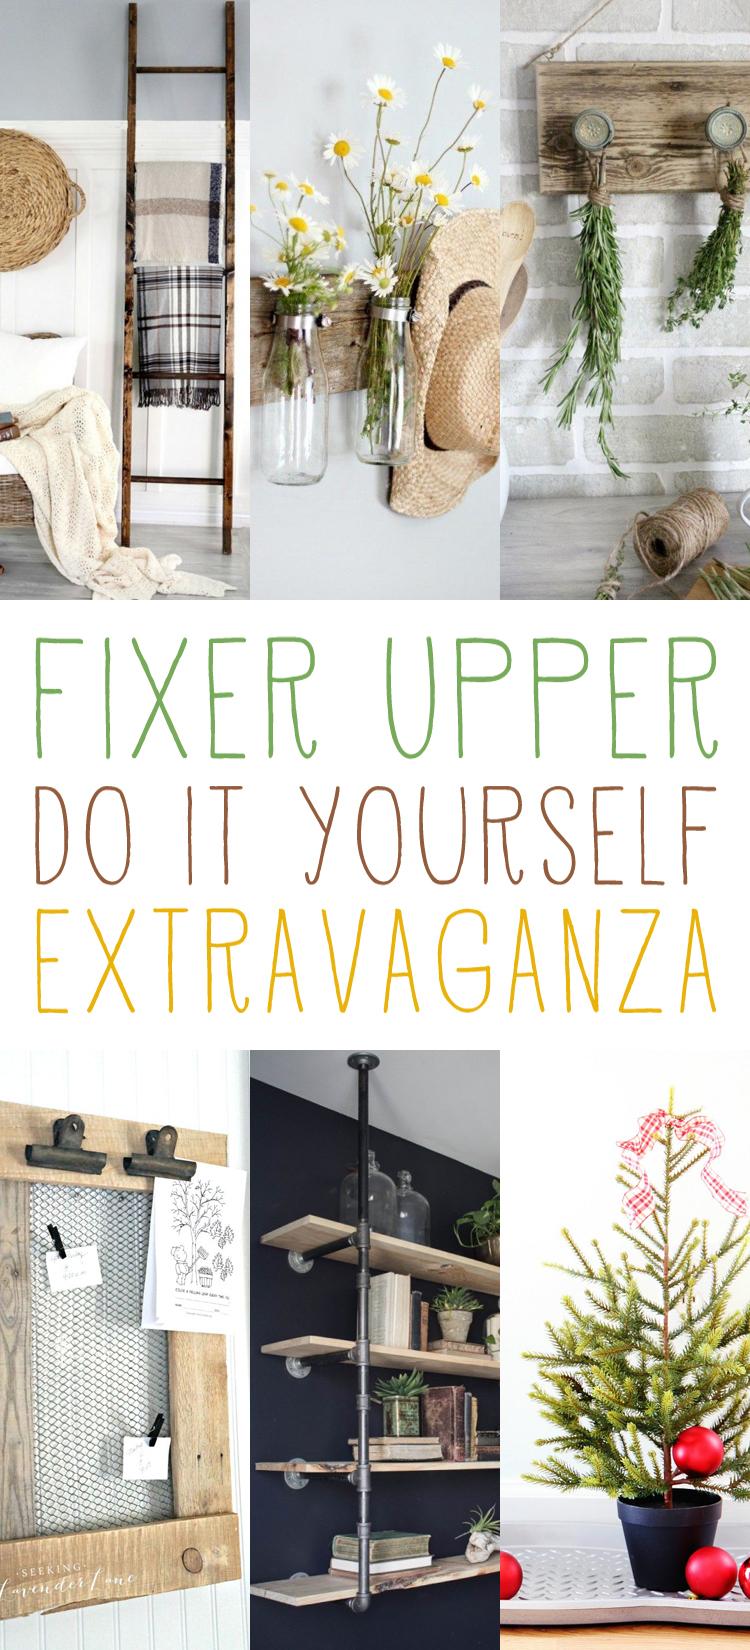 Fixer Upper DIY Extravaganza - The Cottage Market |Fixer Upper Diy